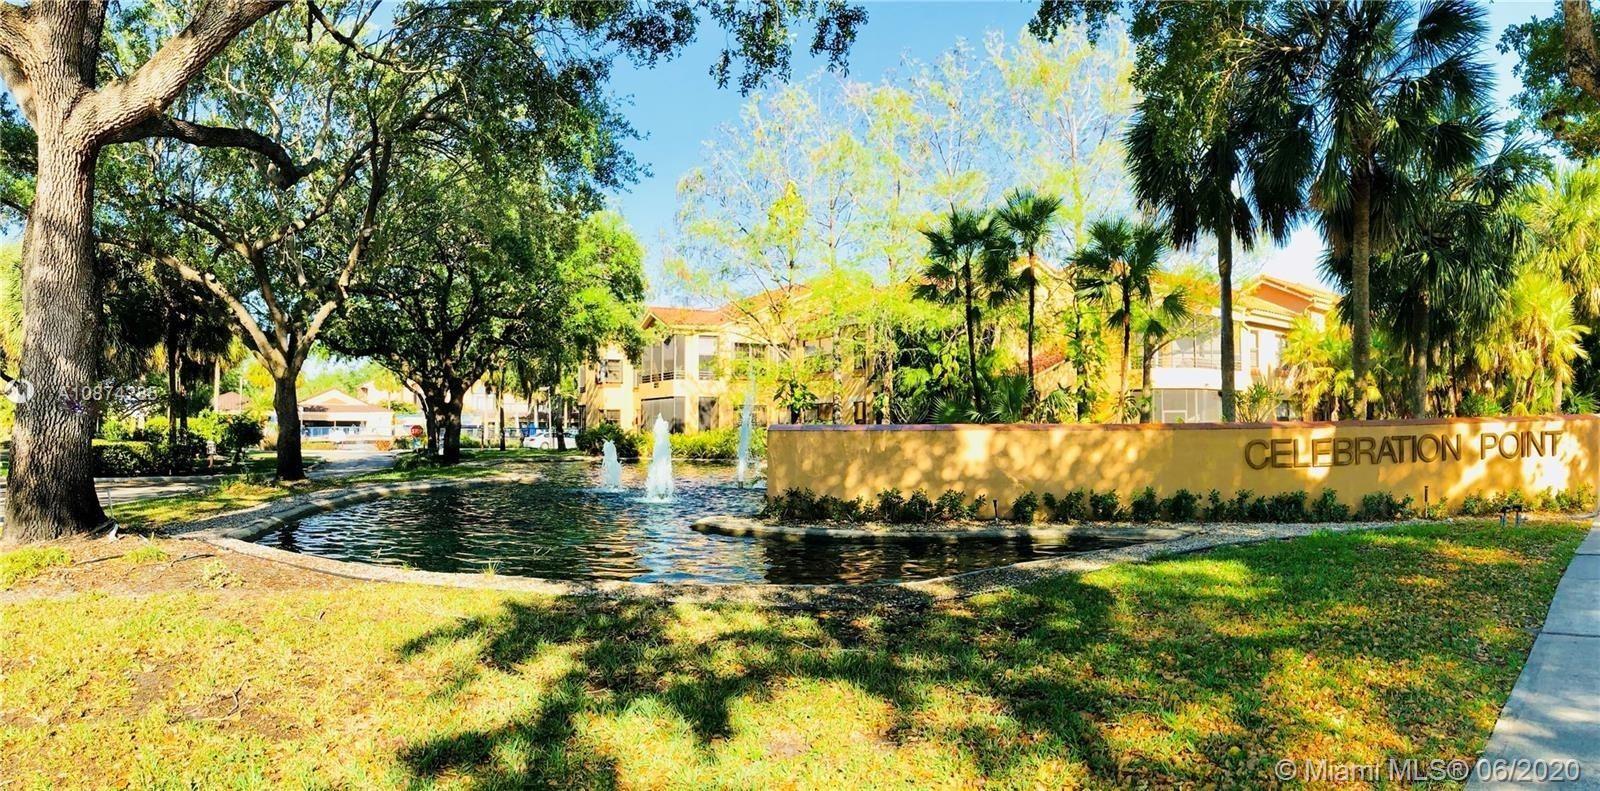 15575 N Miami Lakeway N #302-14, Miami Lakes, FL 33014 - #: A10874285